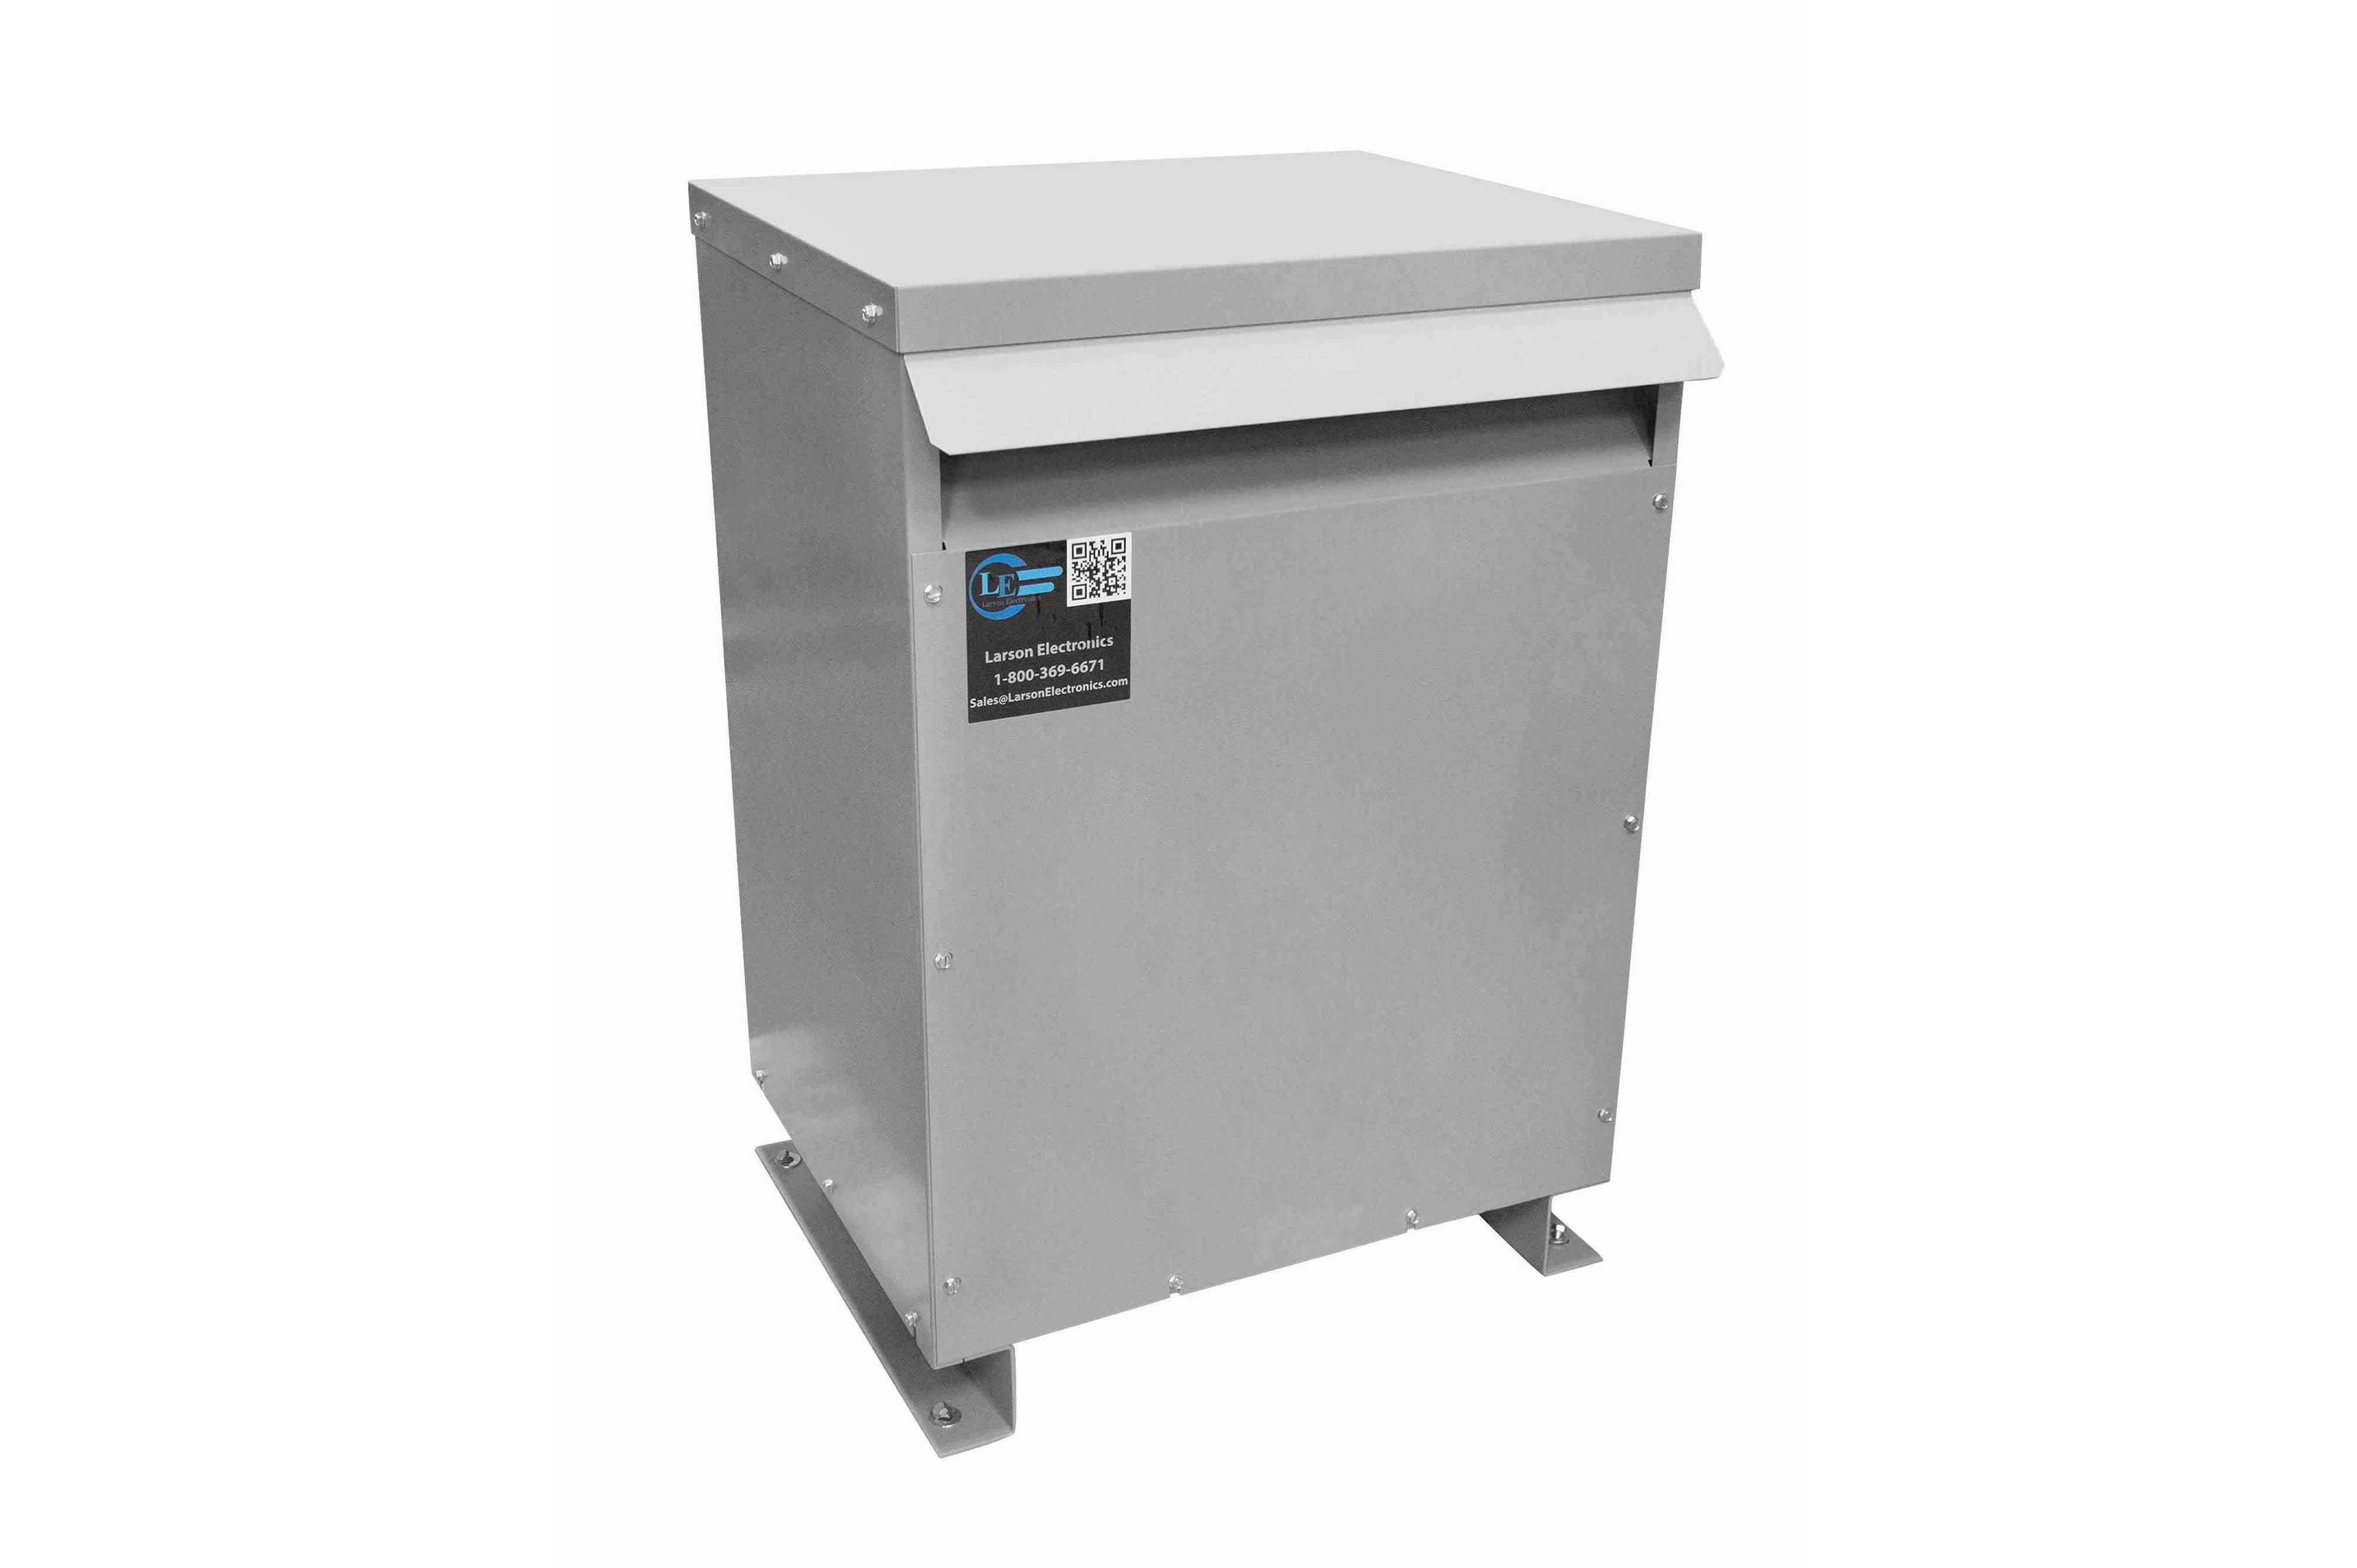 45 kVA 3PH Isolation Transformer, 480V Delta Primary, 600V Delta Secondary, N3R, Ventilated, 60 Hz